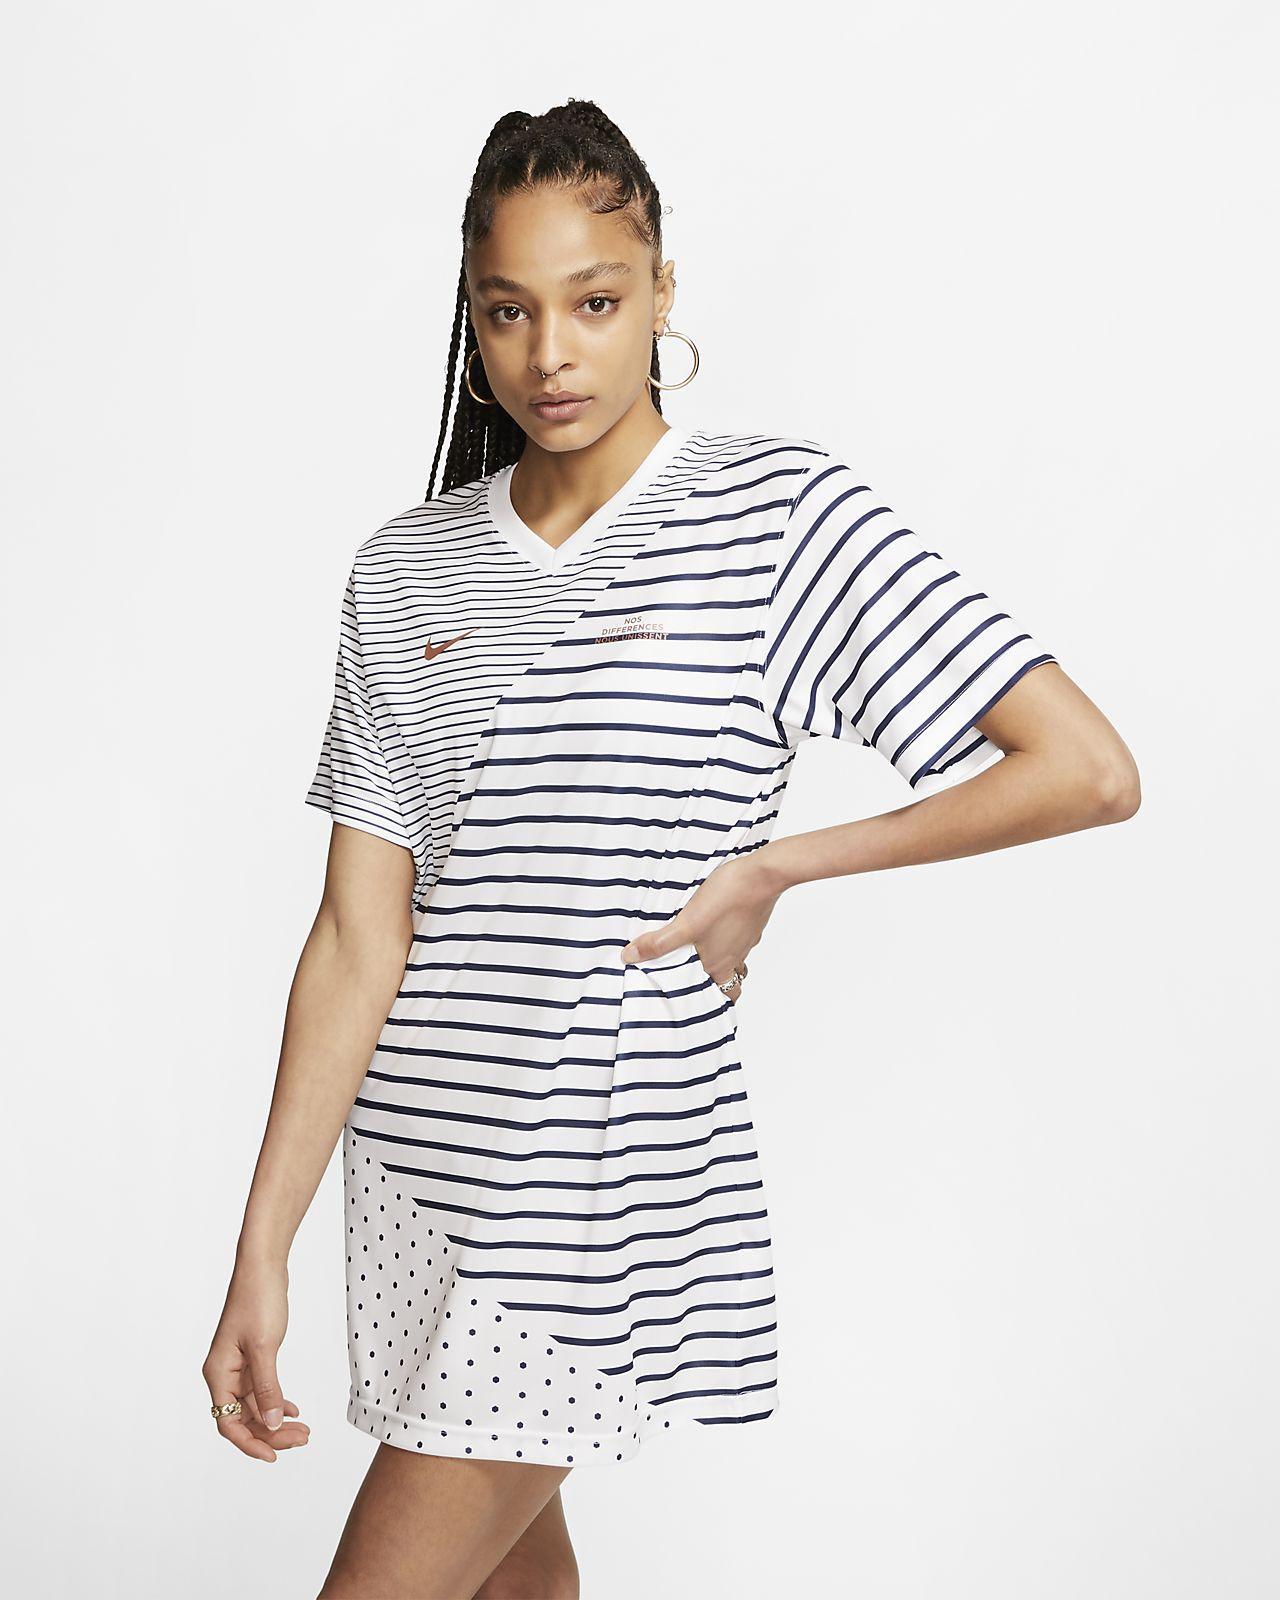 Klänning Nike Sportswear Unité Totale för kvinnor